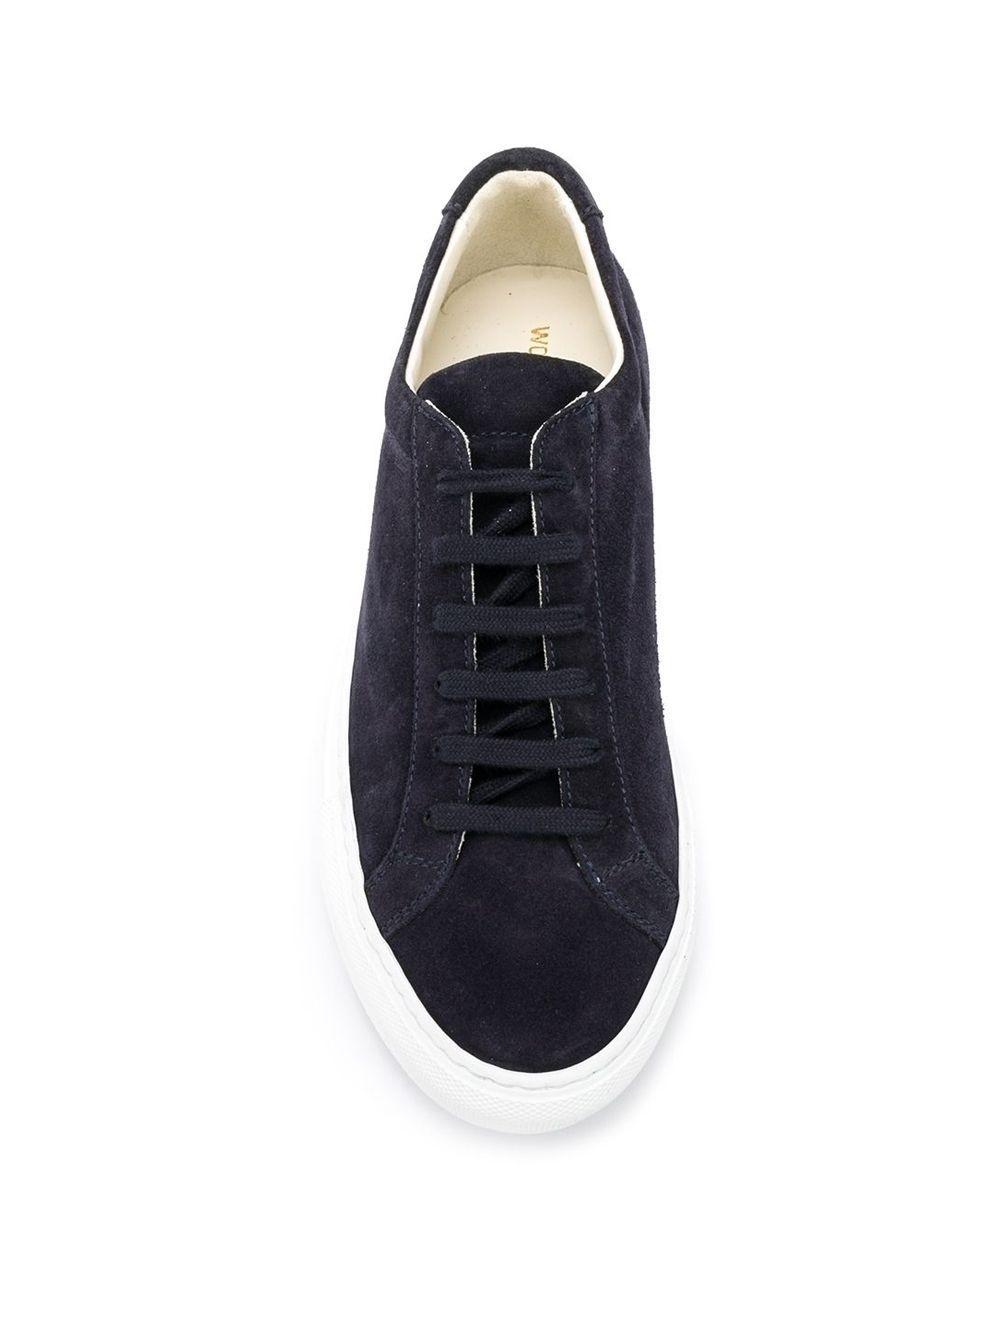 Zapatillas Original Achilles Common Projects de Cuero de color Negro: ahorra un 61 %